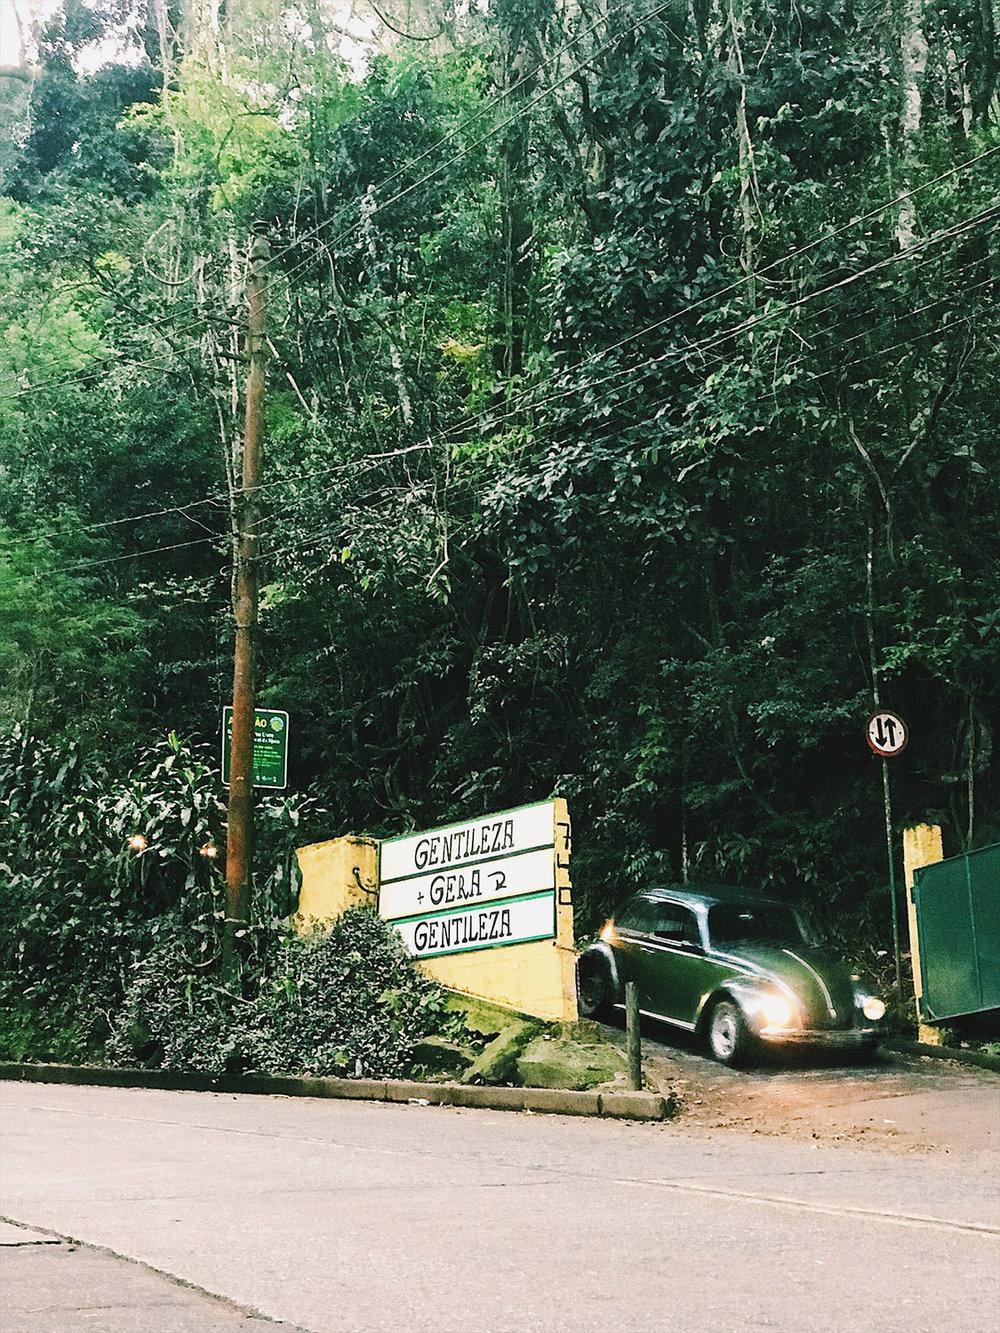 TRILHA-PEDRA-BONITA-RIO-25.jpg